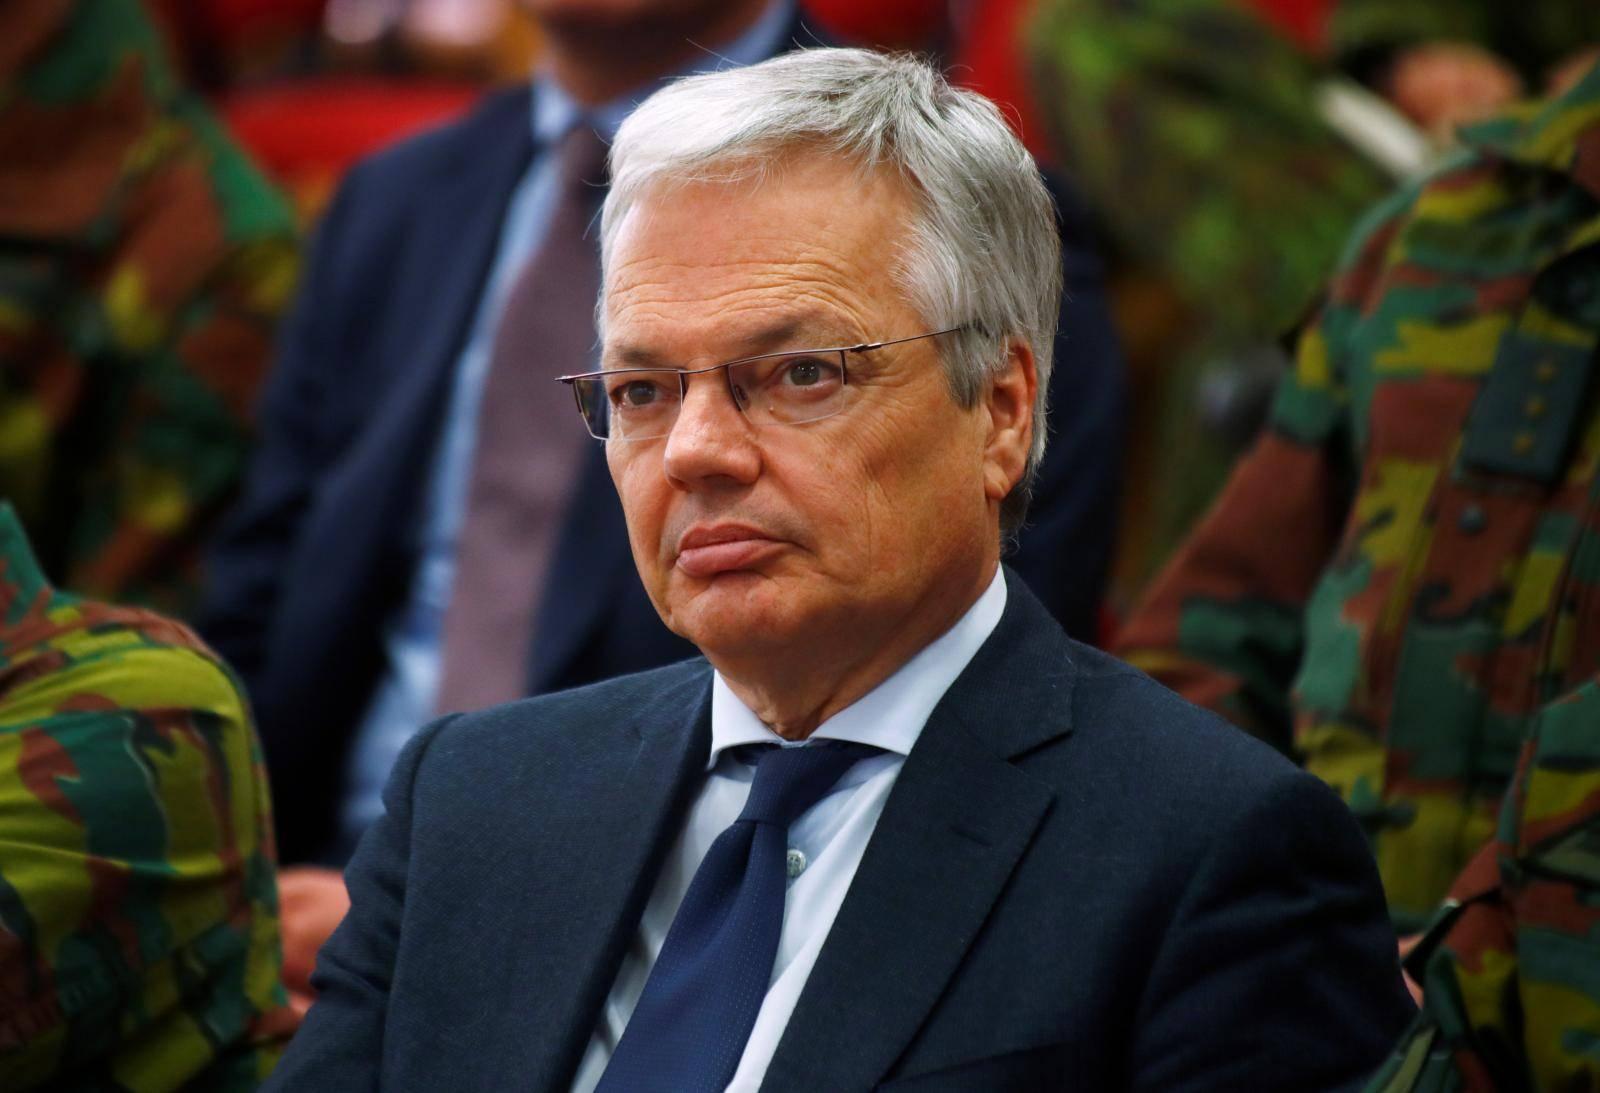 Belgium's King Philippe visits Estonia